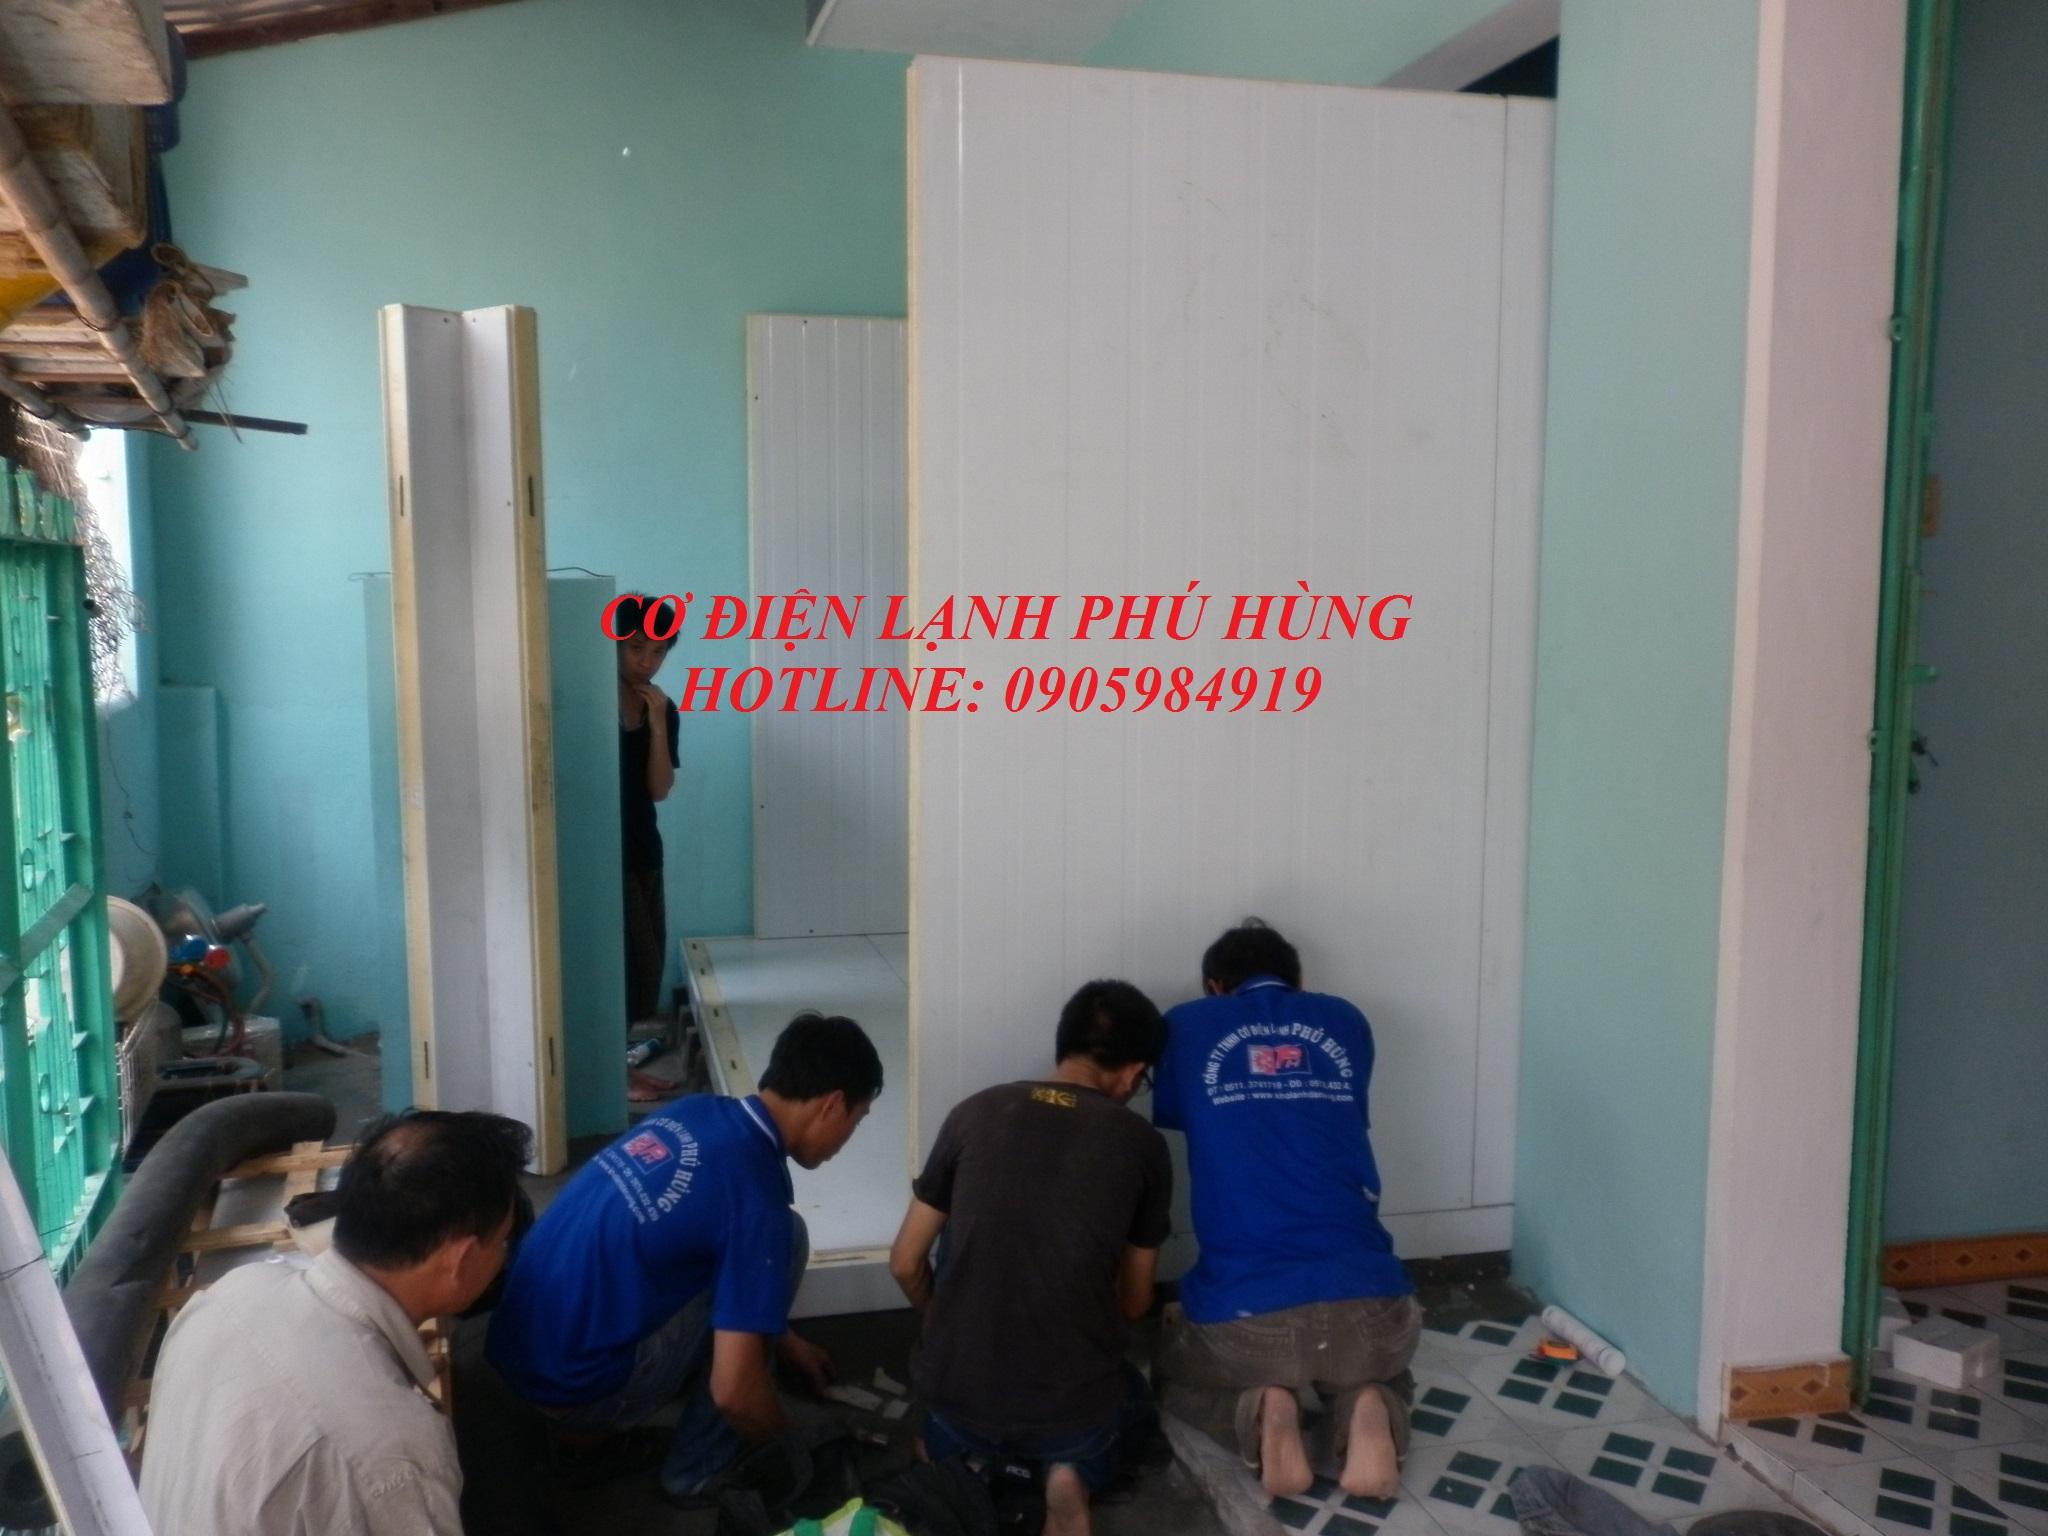 ckP1070925 - Kho lạnh bảo quản cá khô - DNTN Nguyễn Thị Thanh